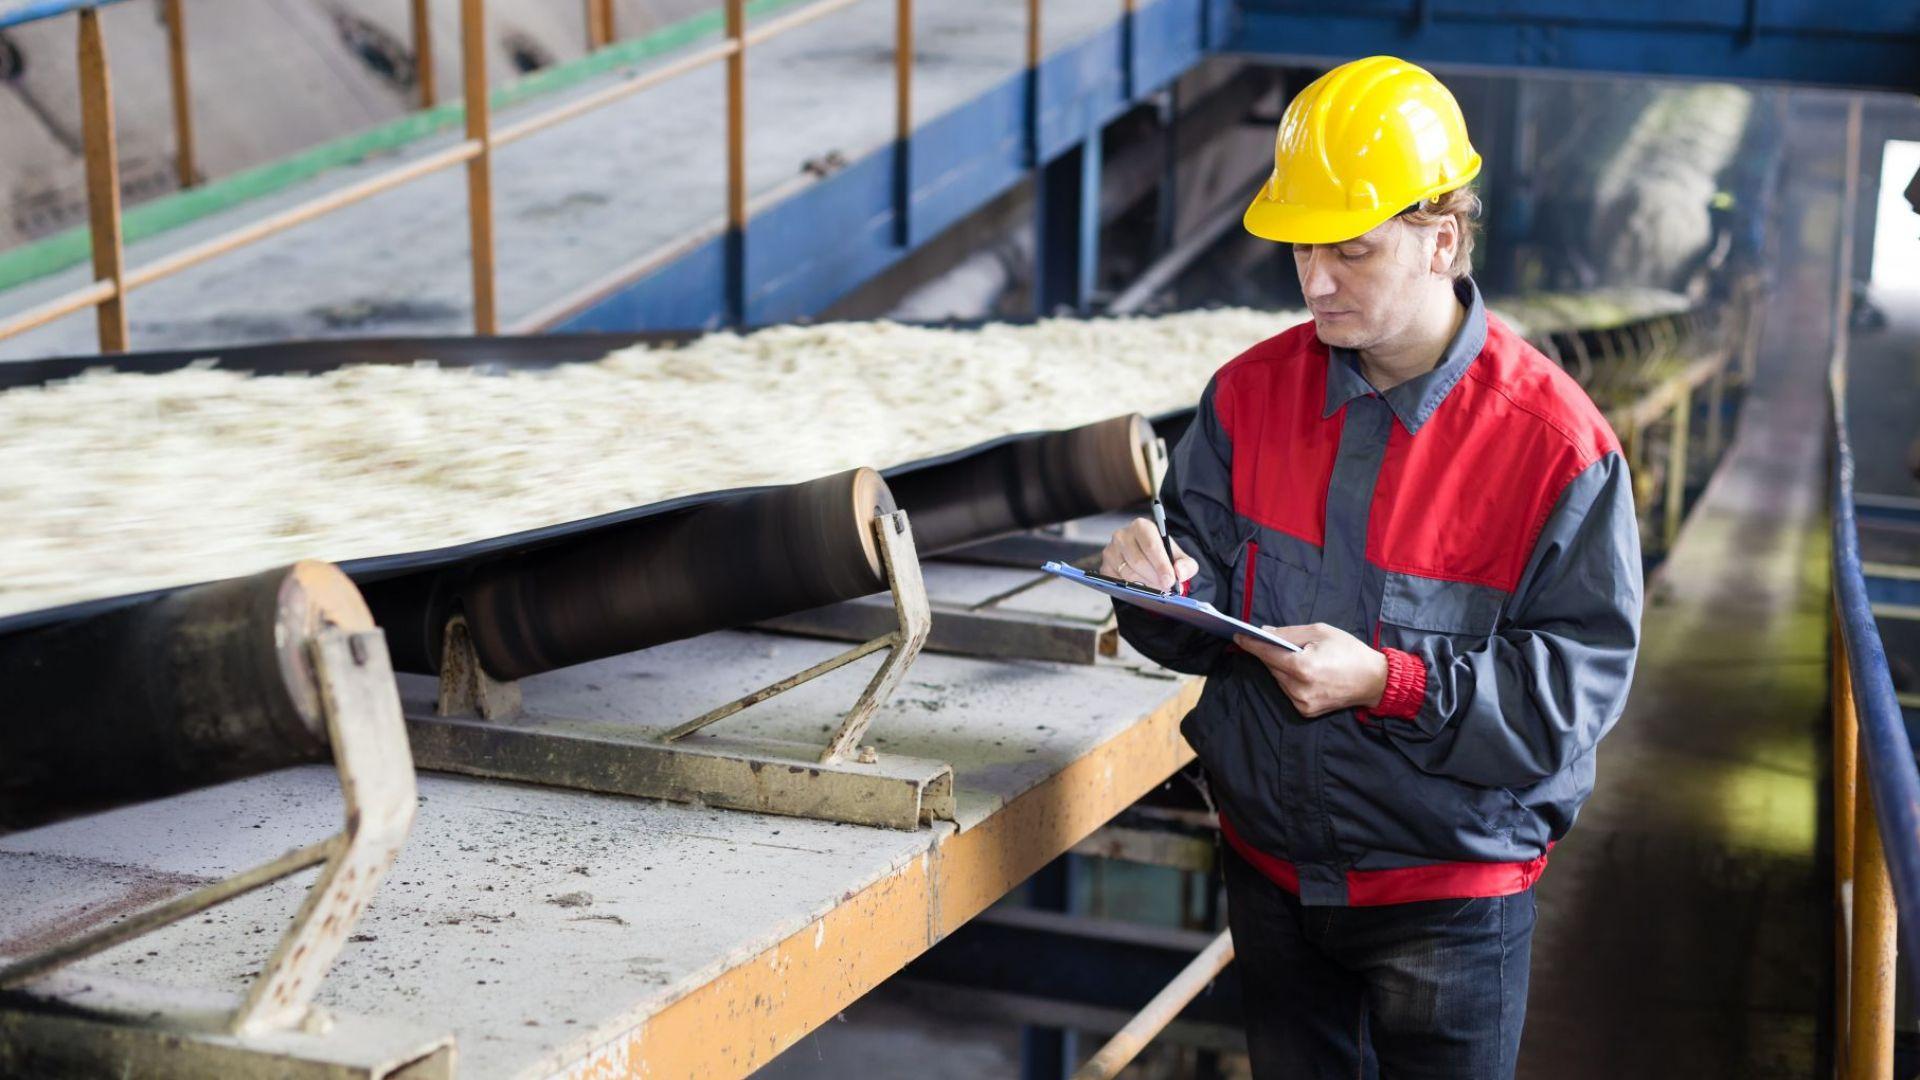 Захарни заводи са лидер по печалба на БФБ през втората седмица на ноември